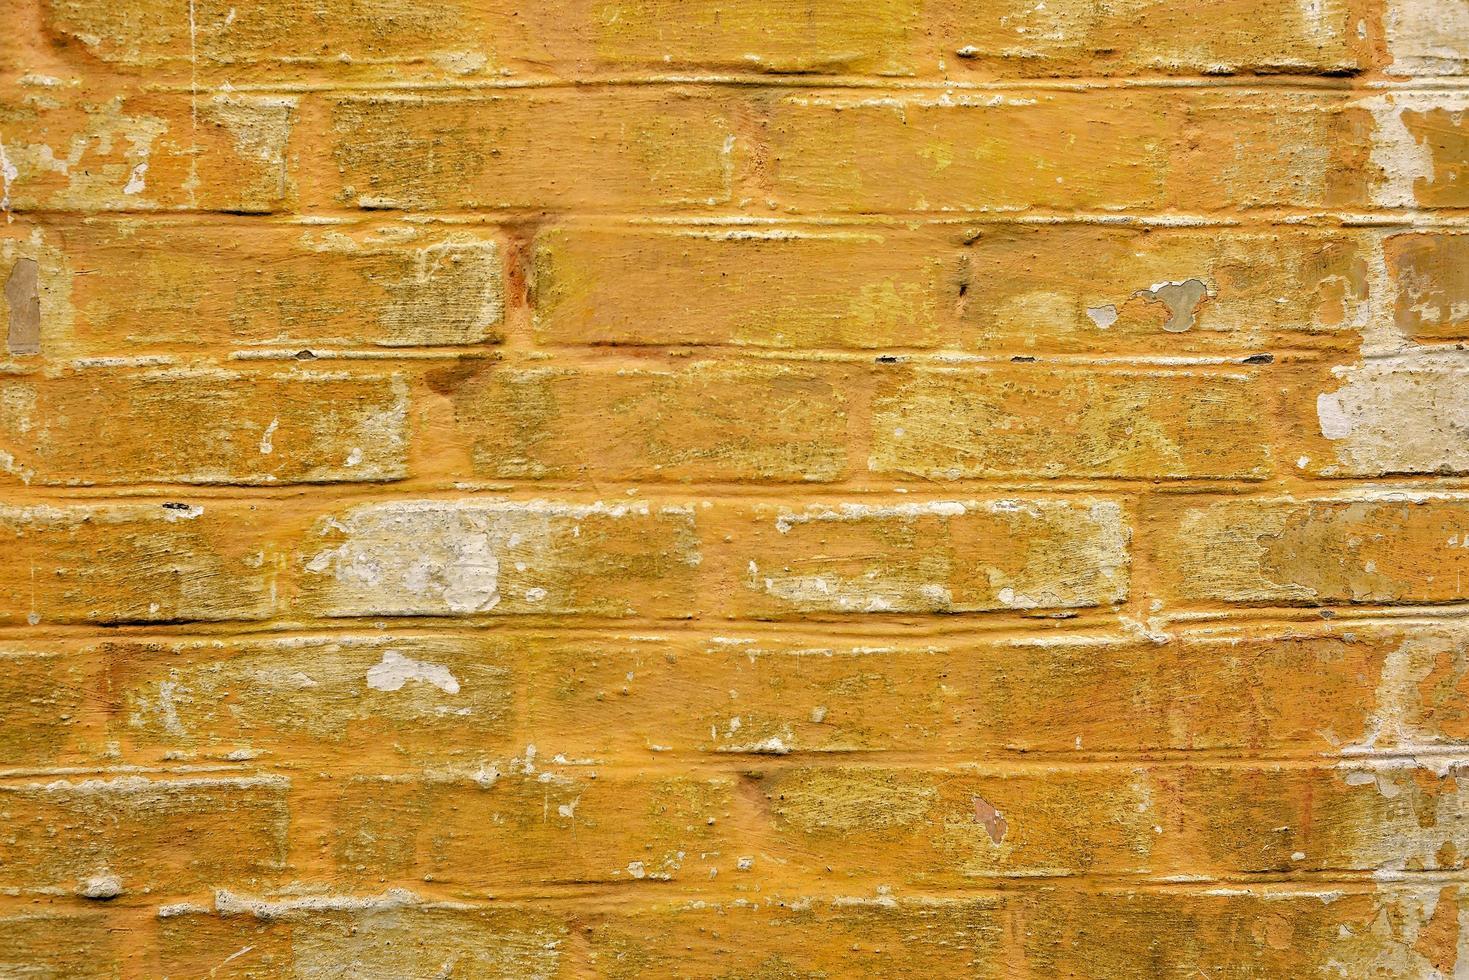 grov gul tegelvägg med skalande färg. textur för bakgrund foto